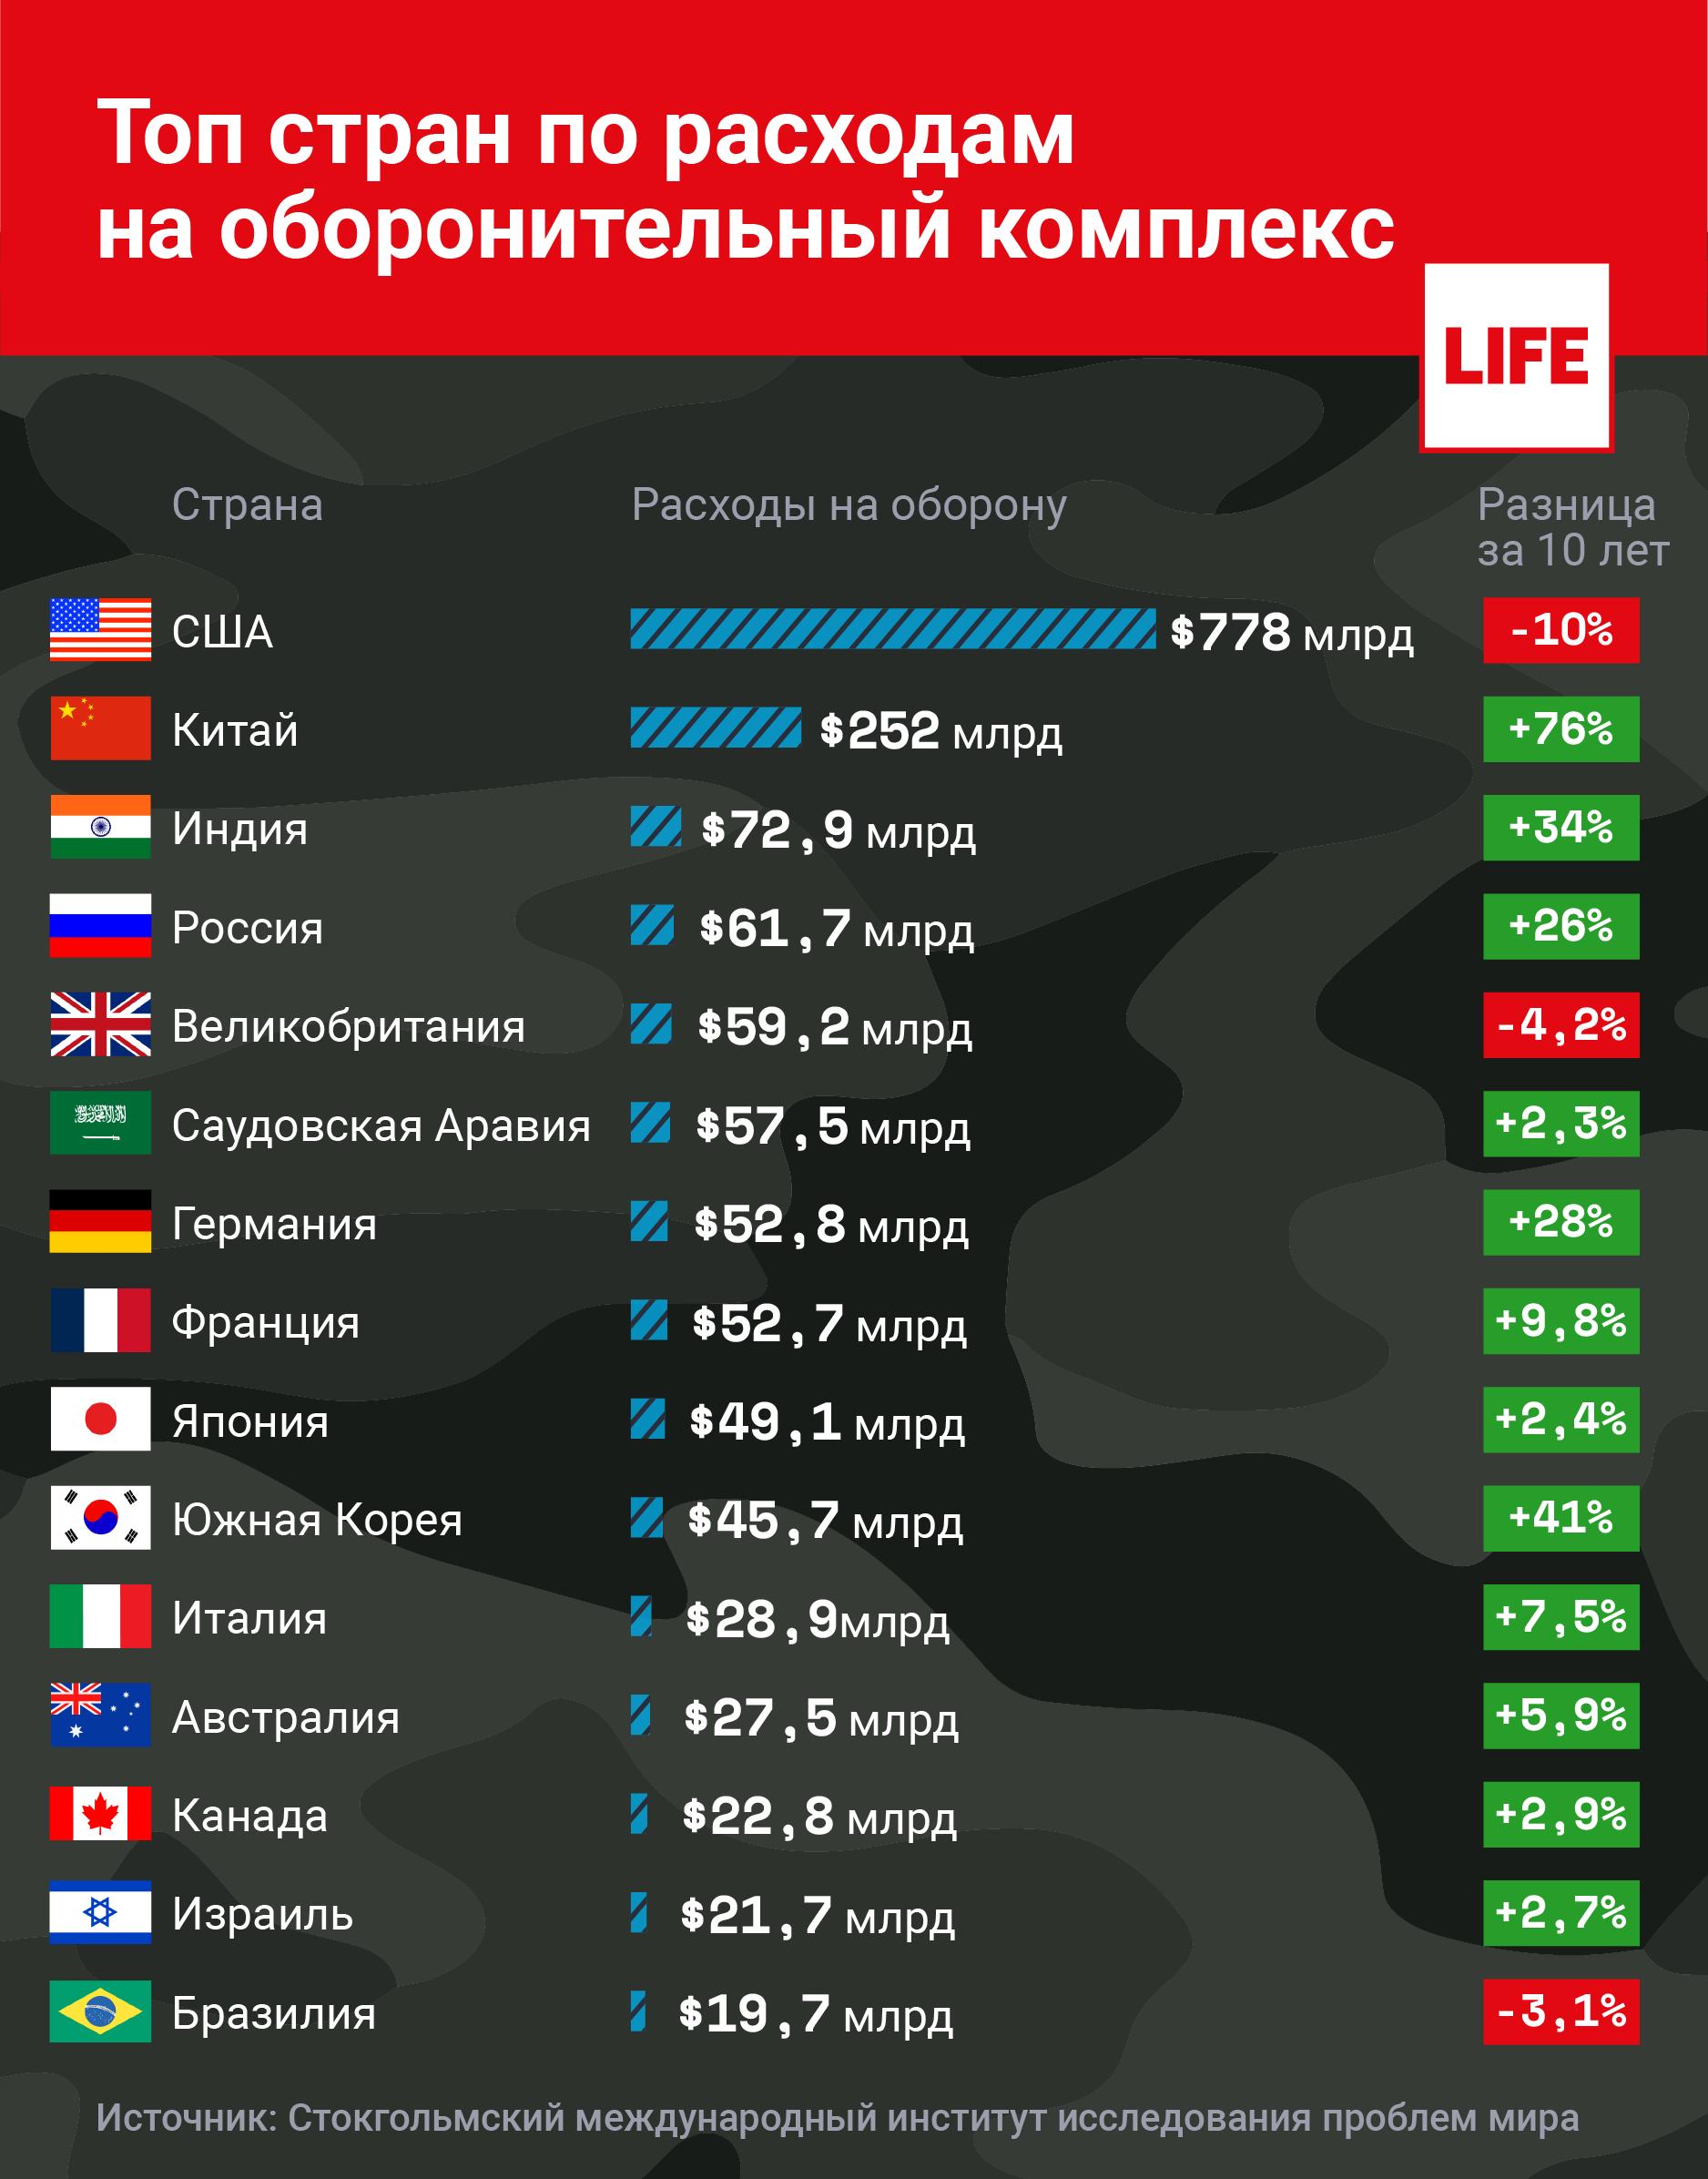 Инфографика по расходам